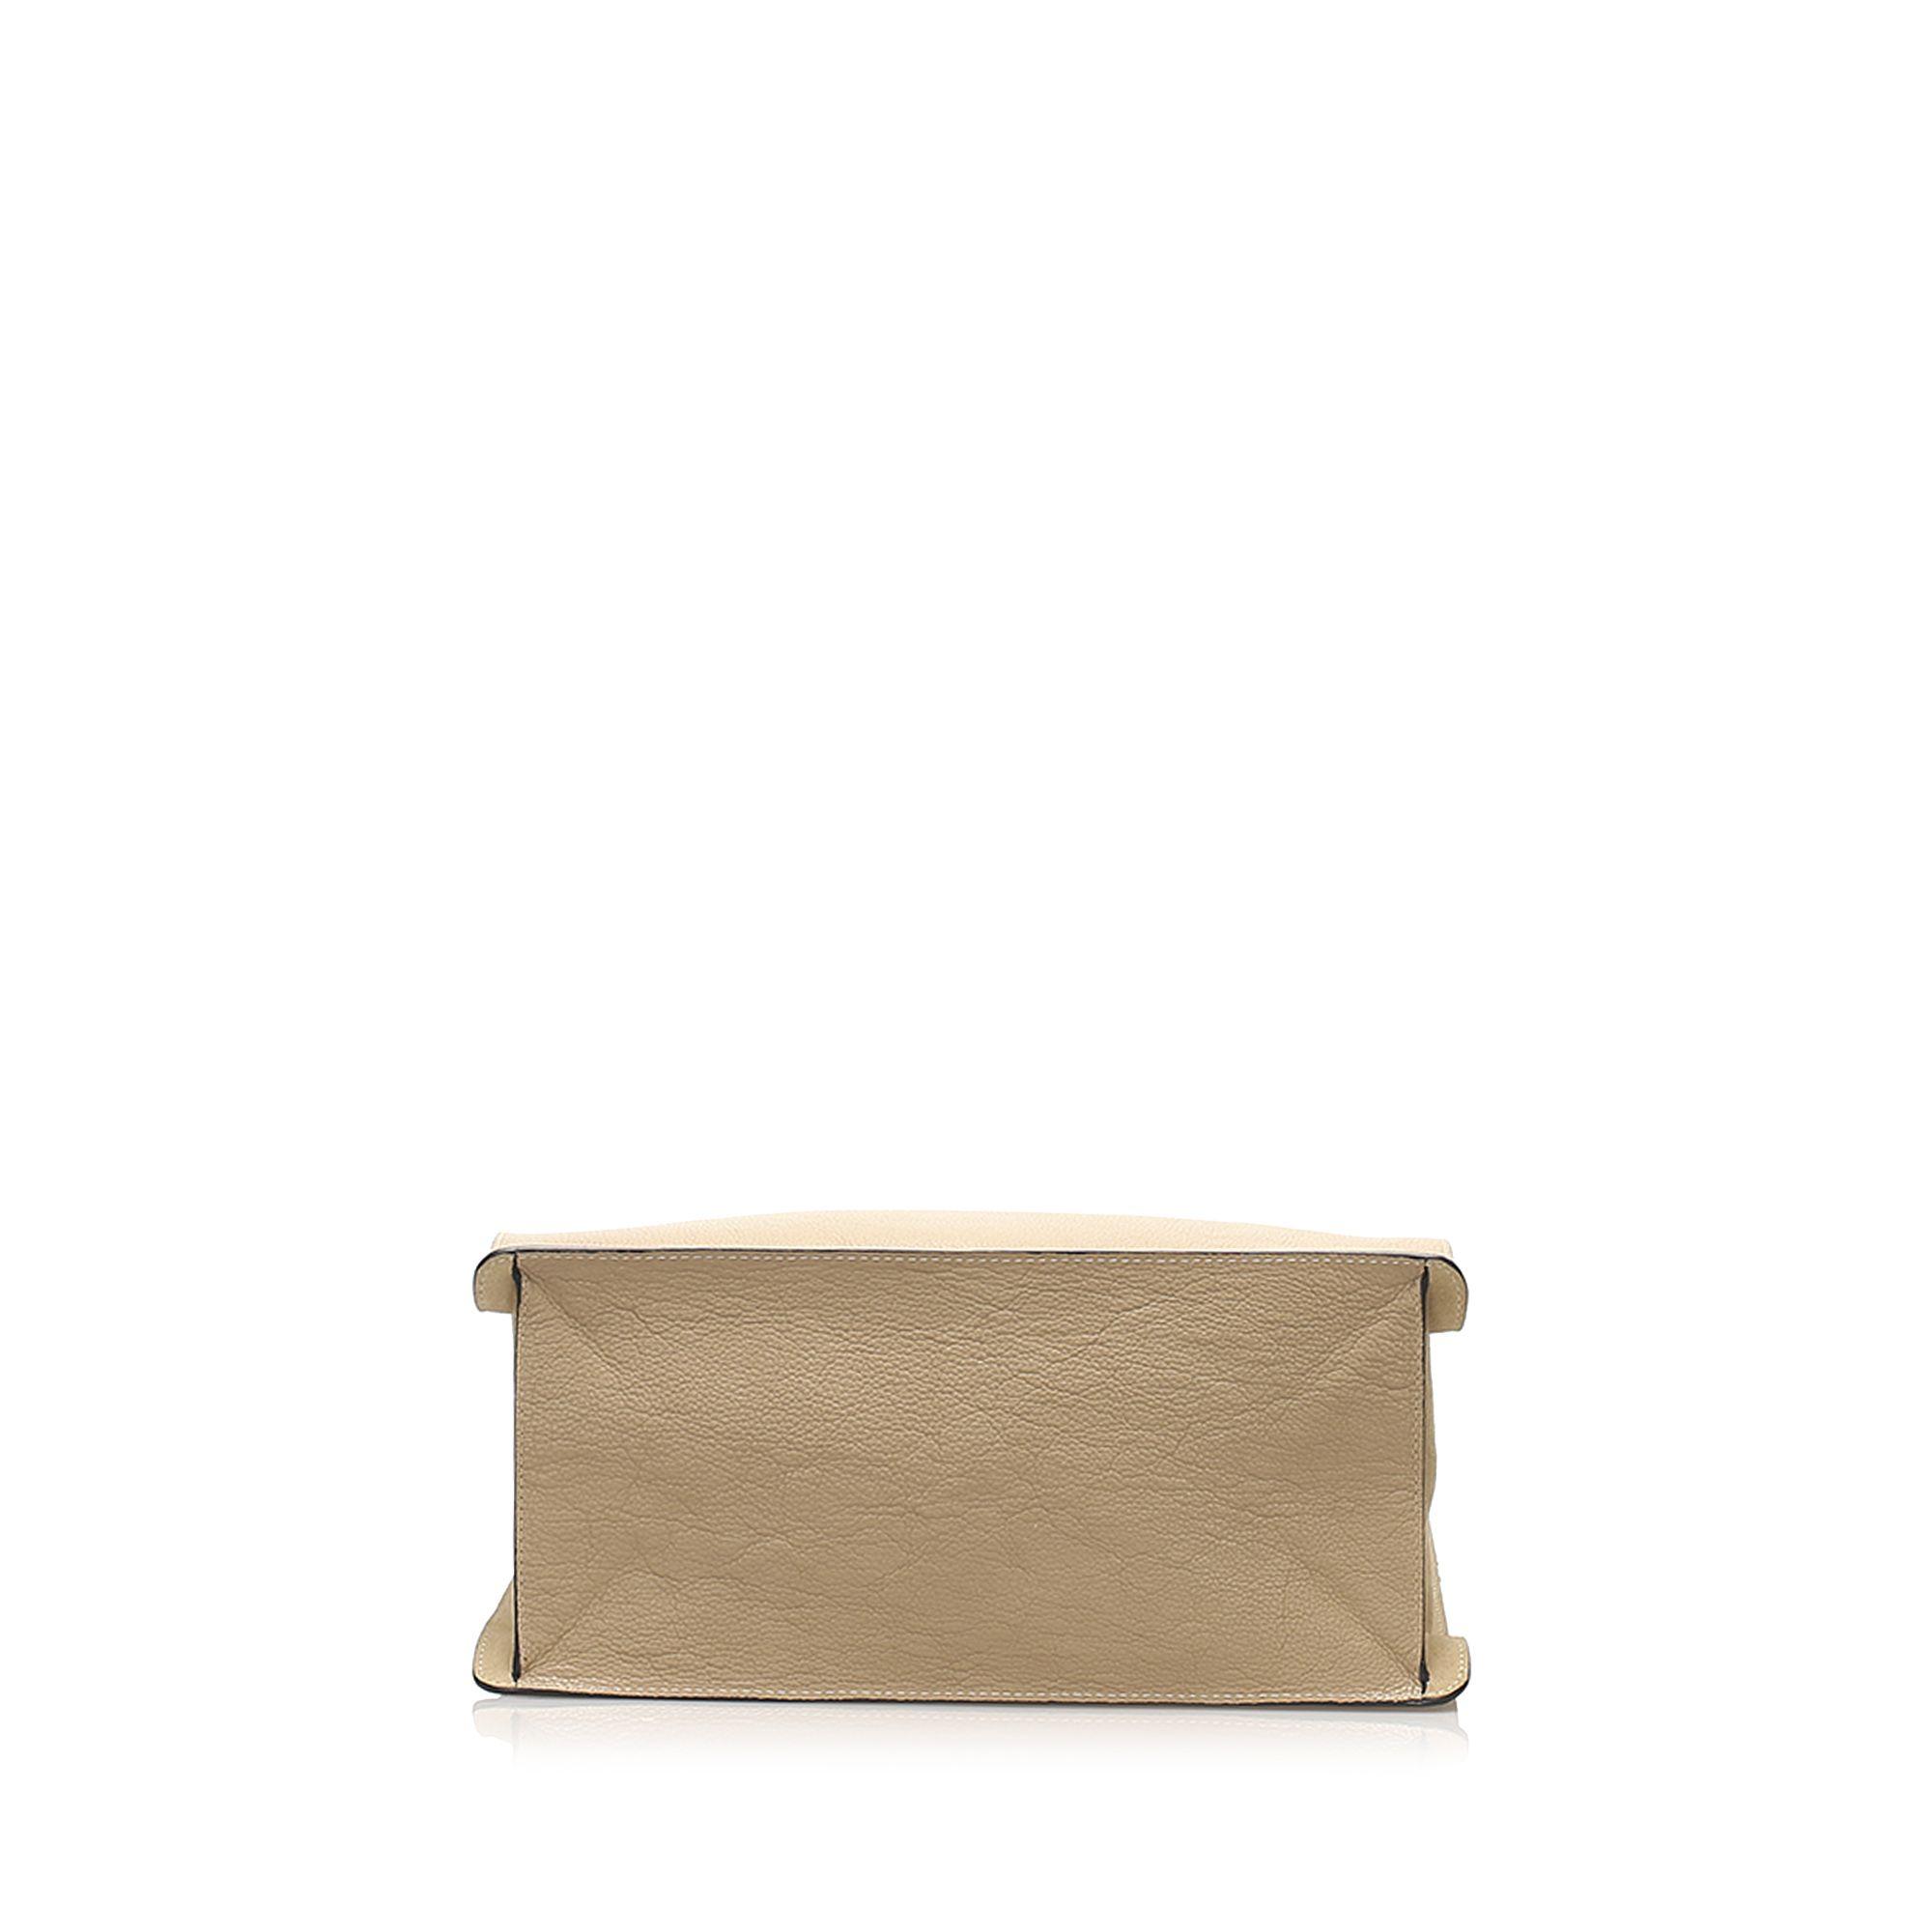 Vintage Chloe Faye Leather Tote Bag Brown